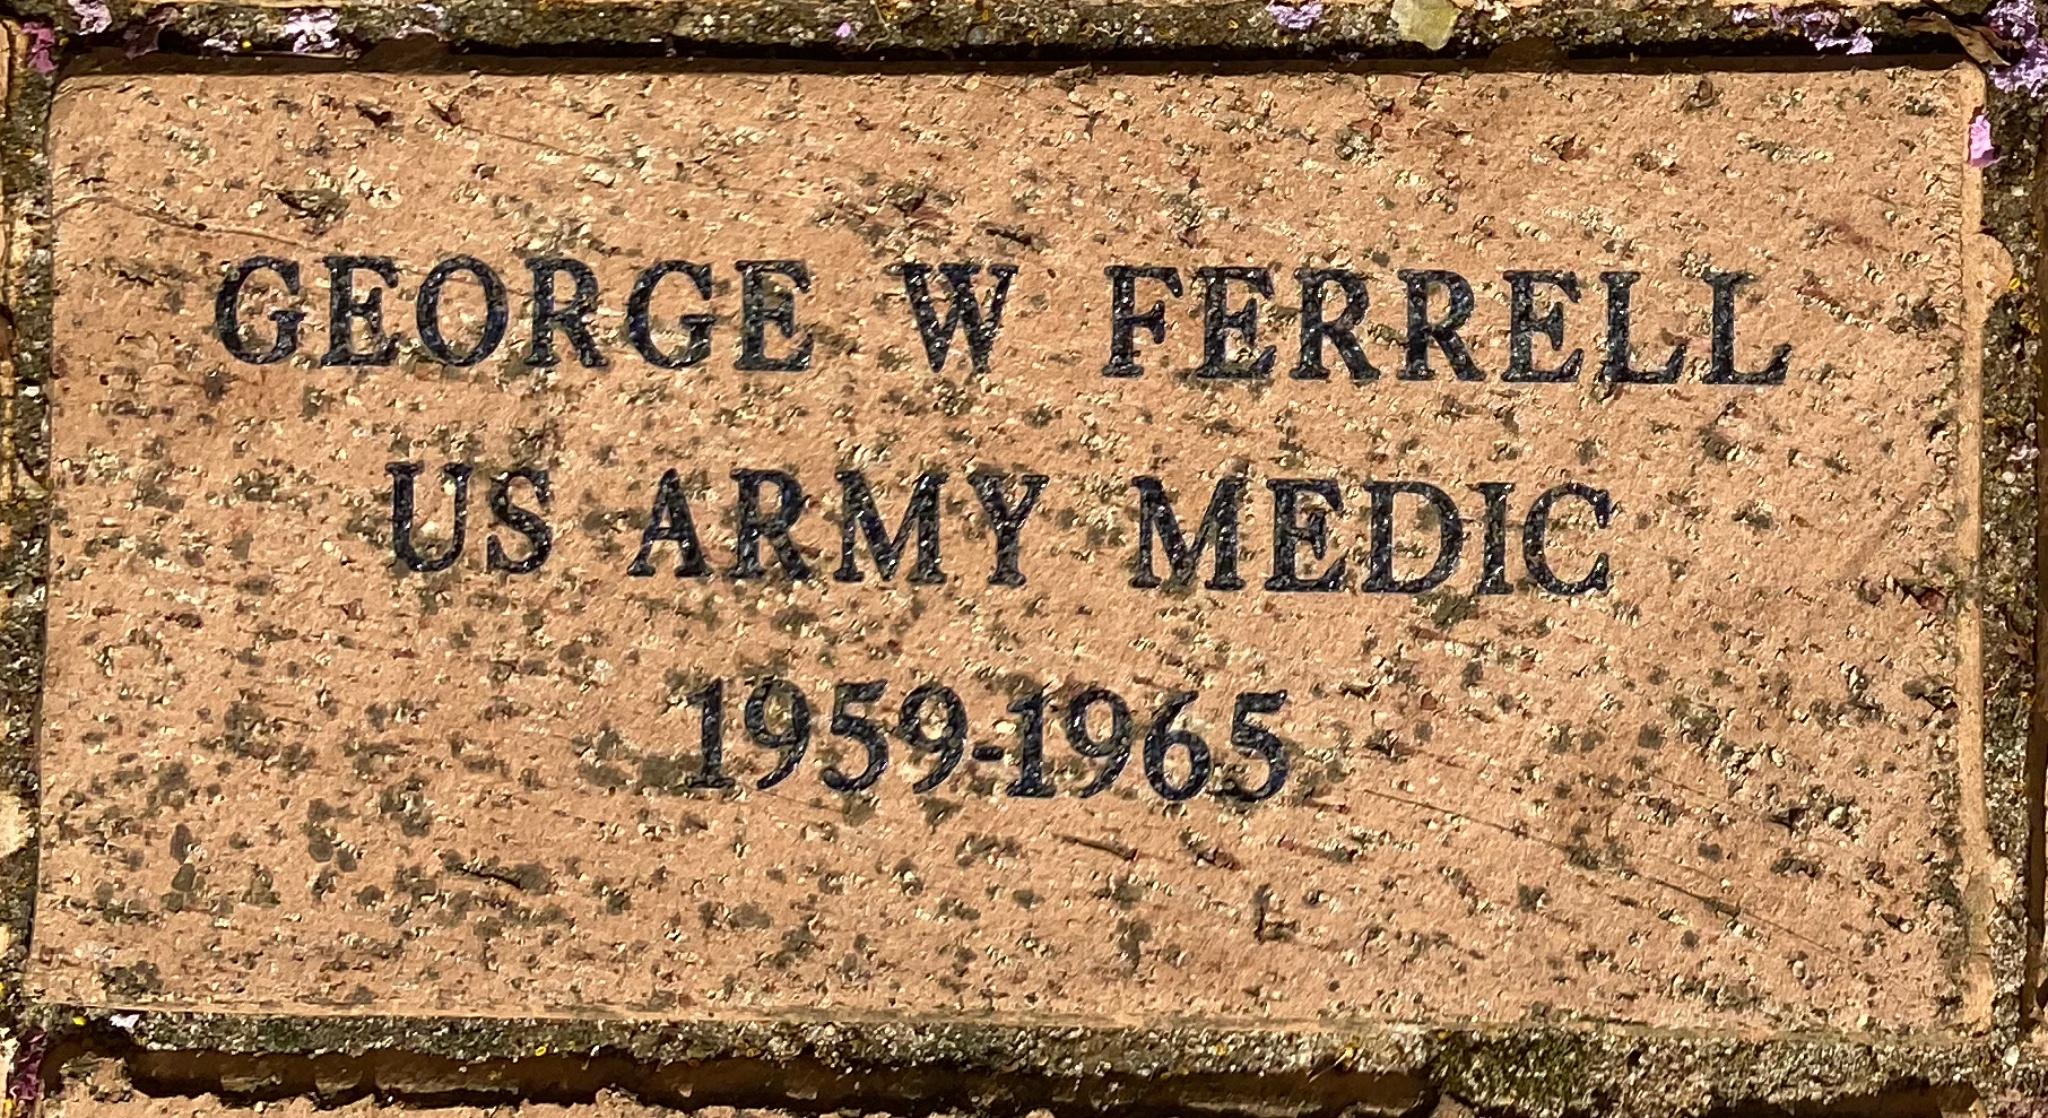 GEORGE FERRELL US ARMY MEDIC 1959-1965